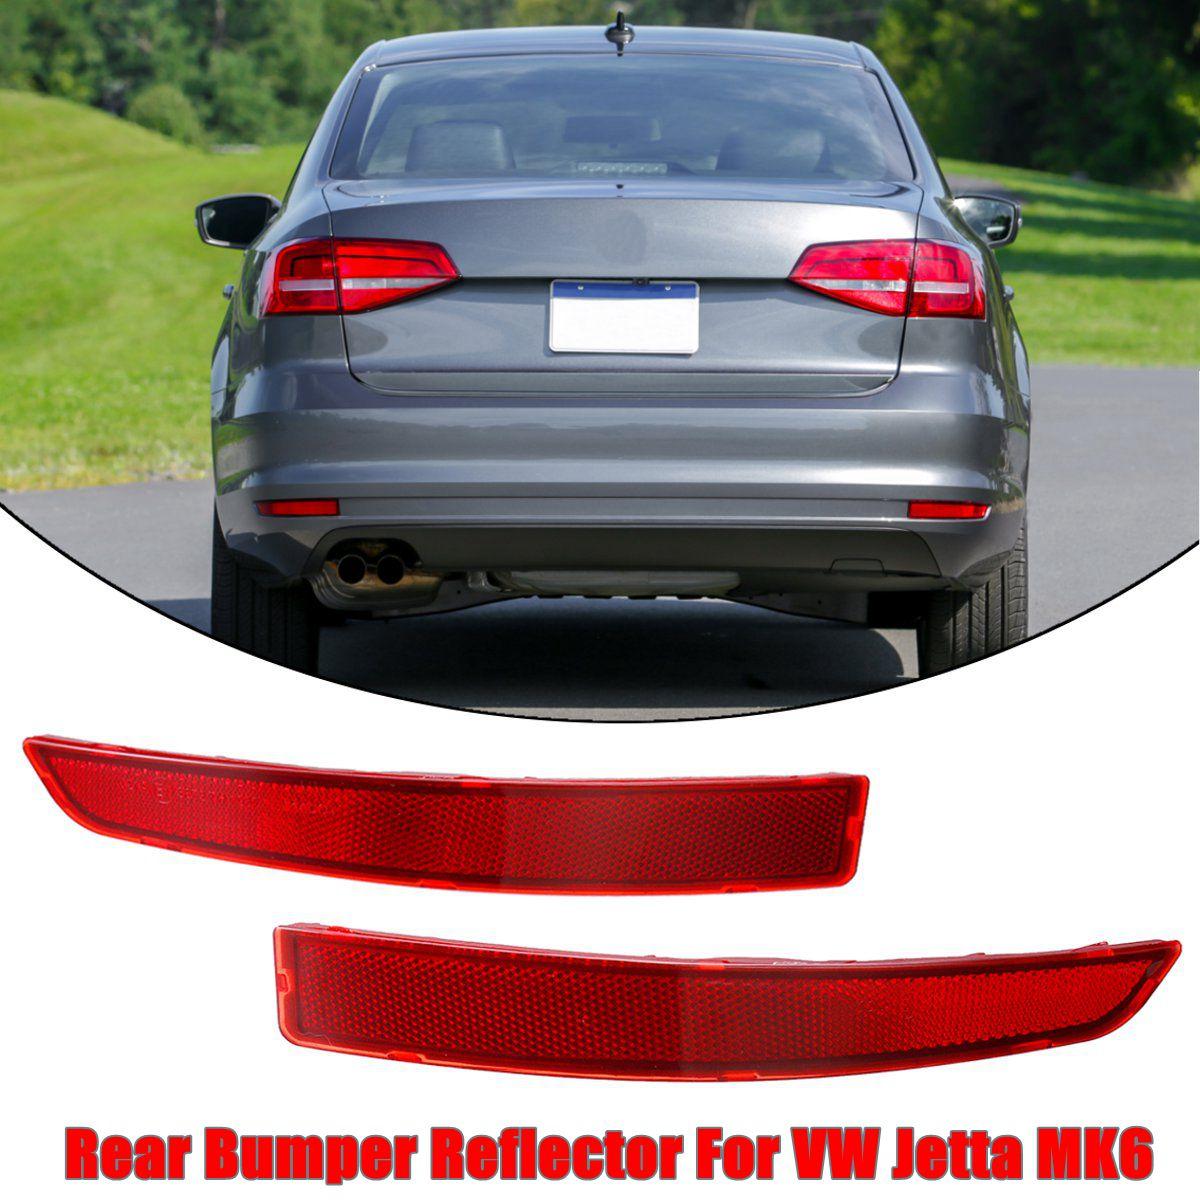 New Genuine OEM VW Rear Bumper Reflector Jetta 2015-17 MK6 Passenger Side Marker